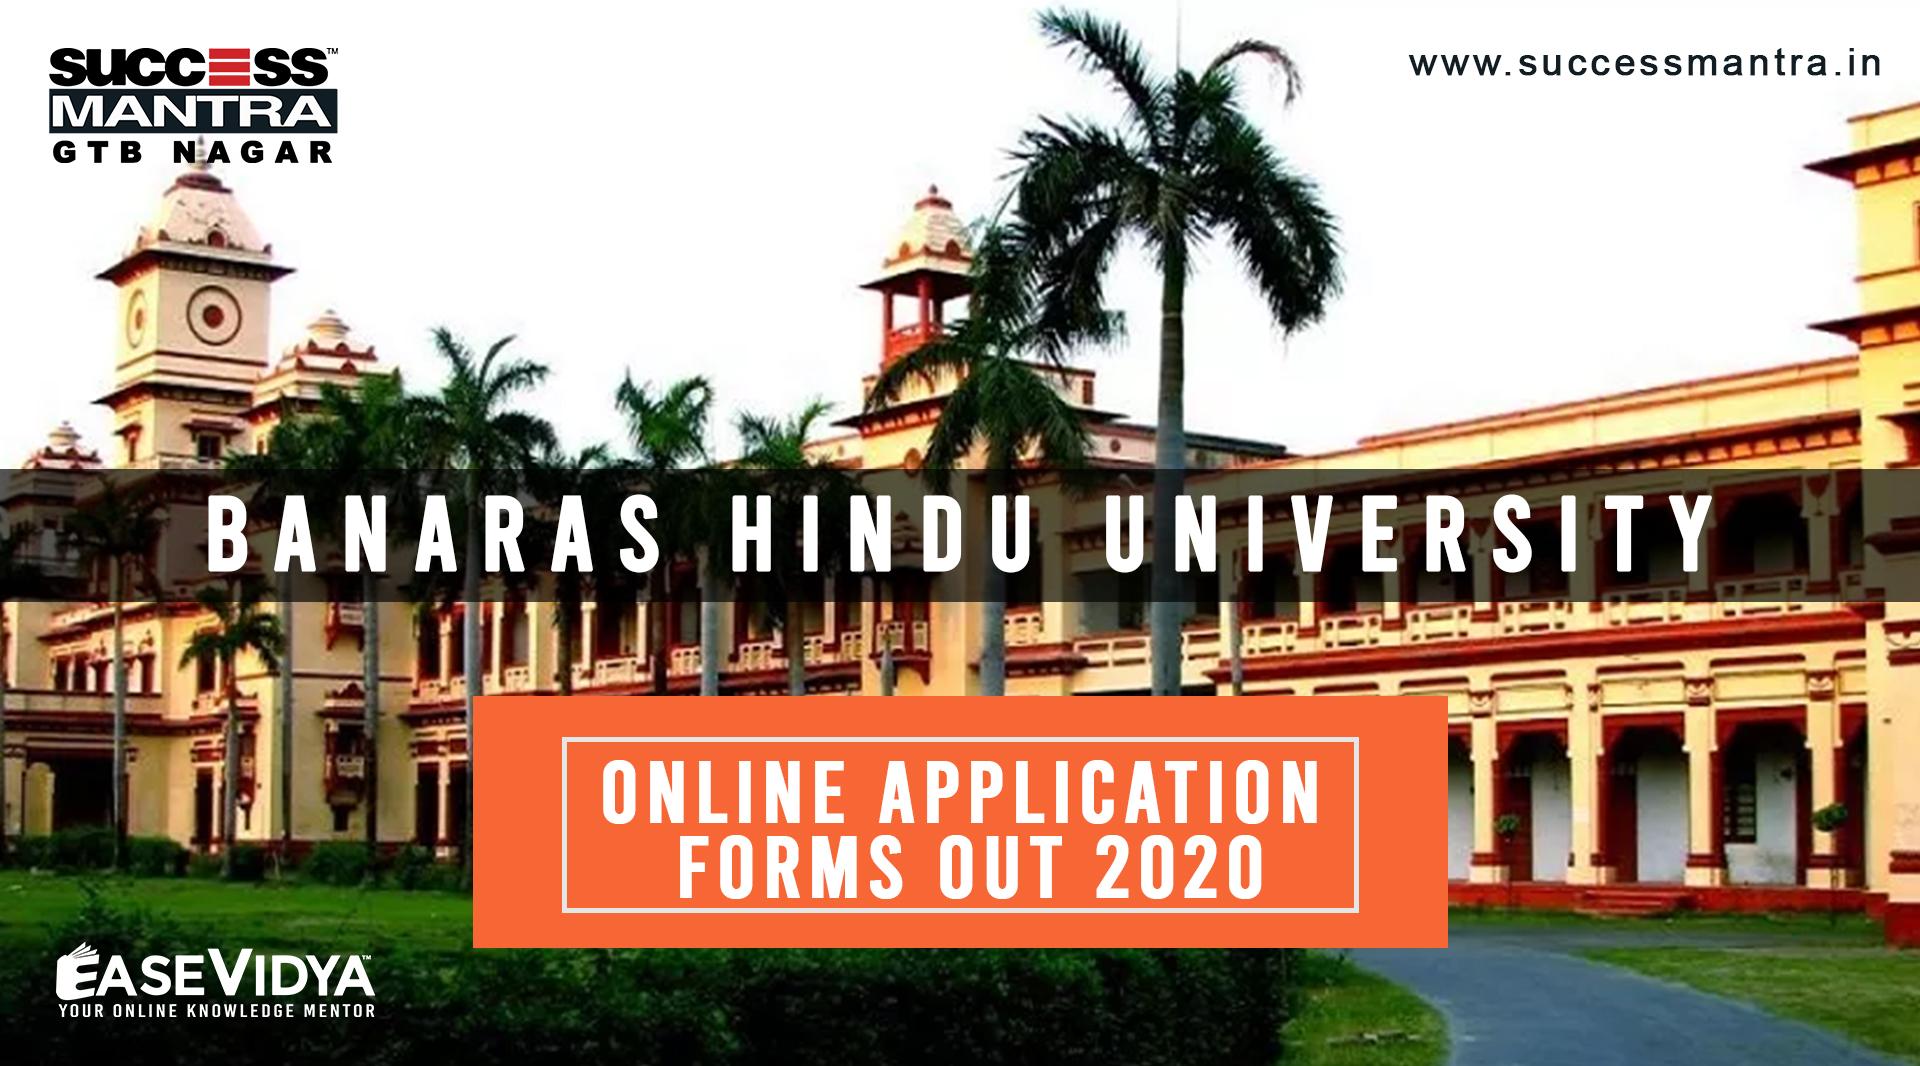 Banaras Hindu University BHU LLB, BHU LLB ENTRANCE EXAM 2020, BHU LLB CUTOFF 2019, BHU BA LLB ANSWER KEY 2020